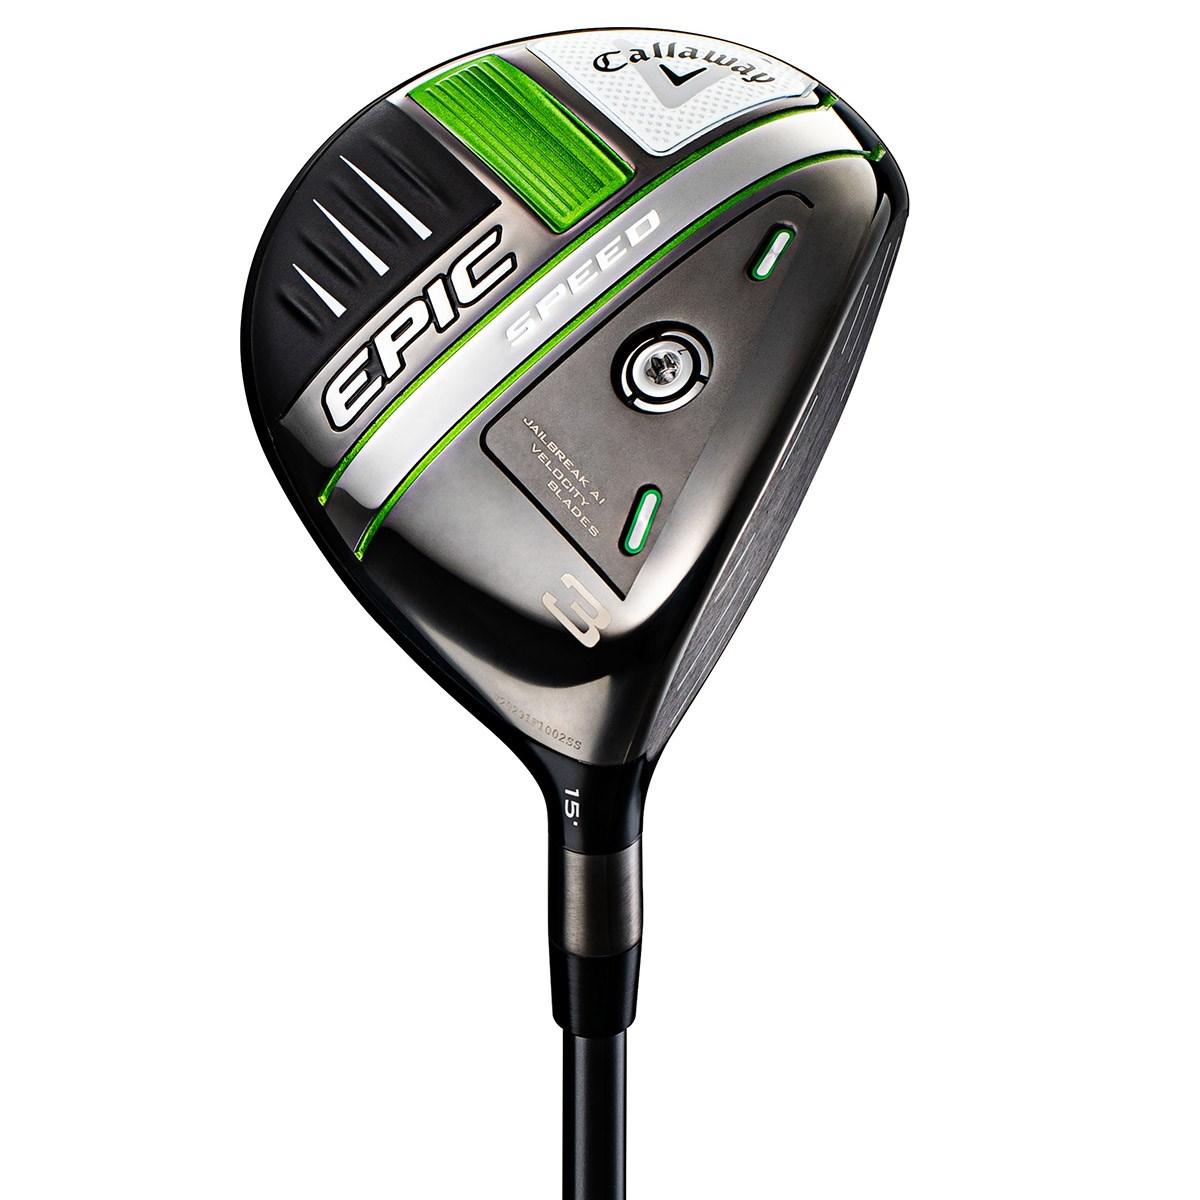 キャロウェイゴルフ(Callaway Golf) エピック SPEED フェアウェイウッドSpeeder Evolution VII FW60【2021年2月19日発売予定】